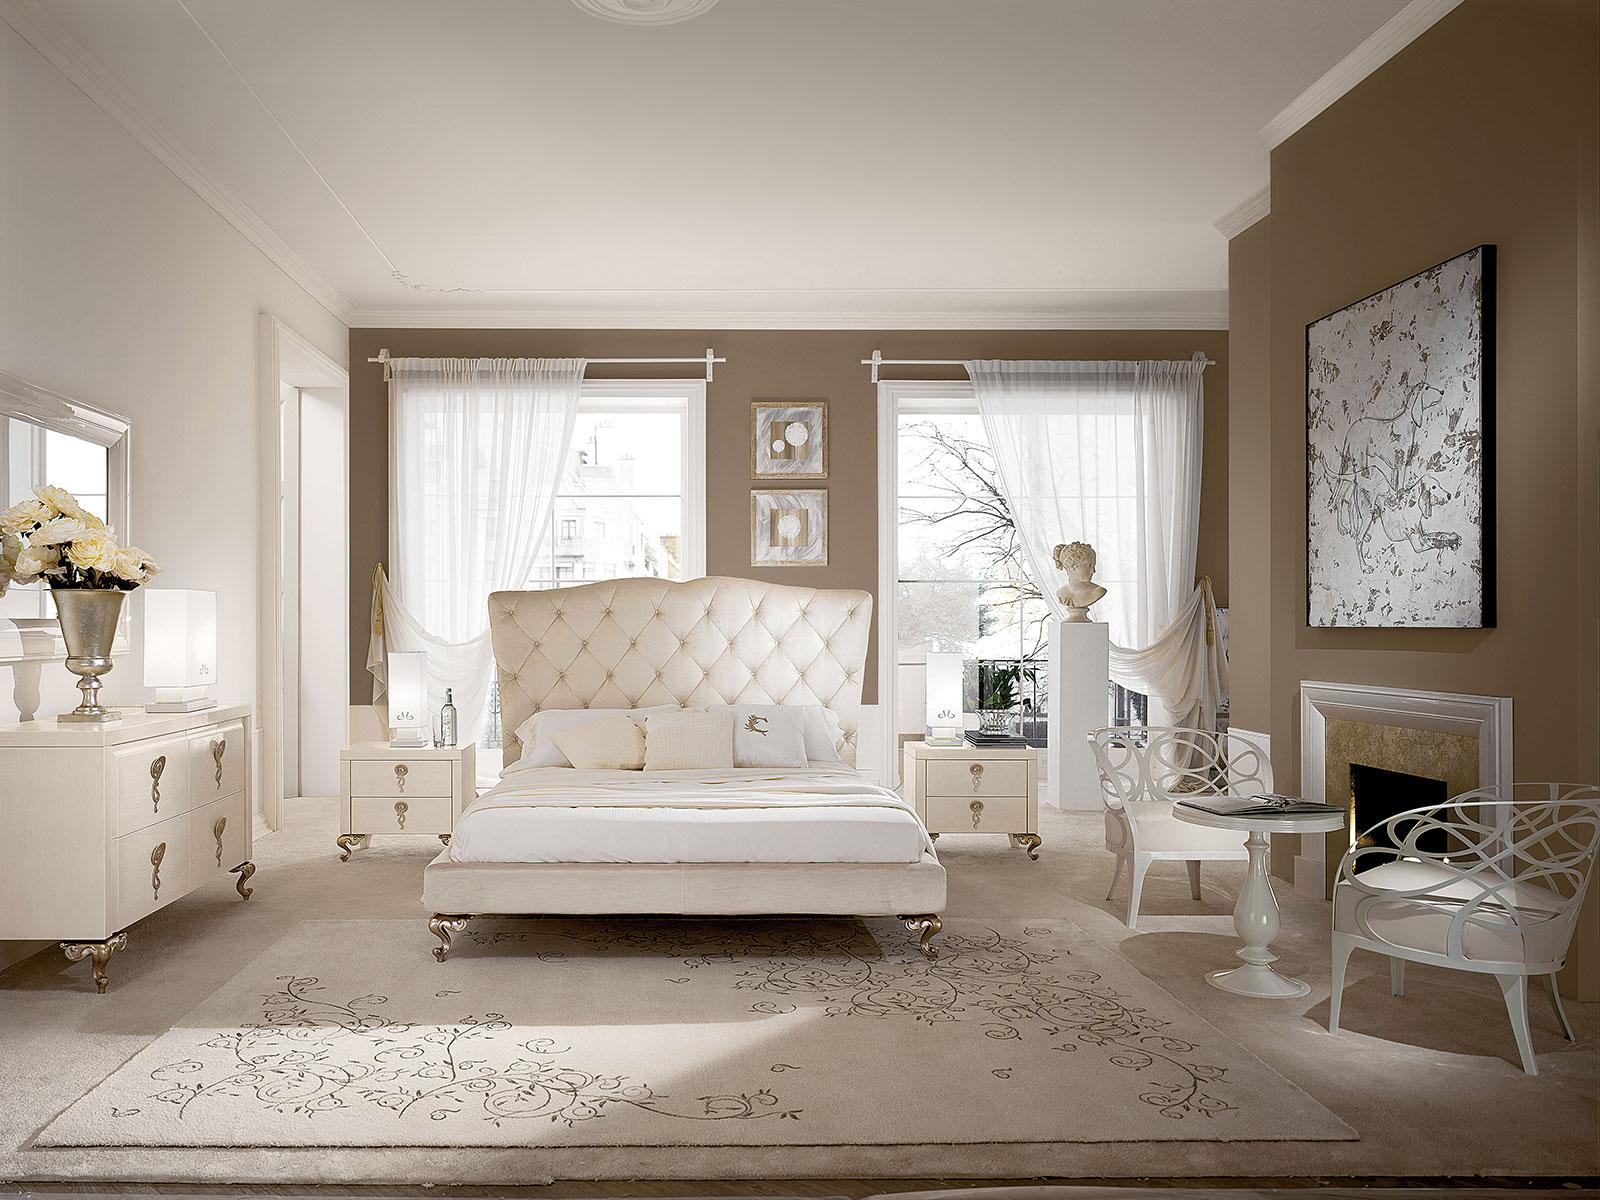 camere da letto moderne della collezione notturno olto arredamenti. Black Bedroom Furniture Sets. Home Design Ideas